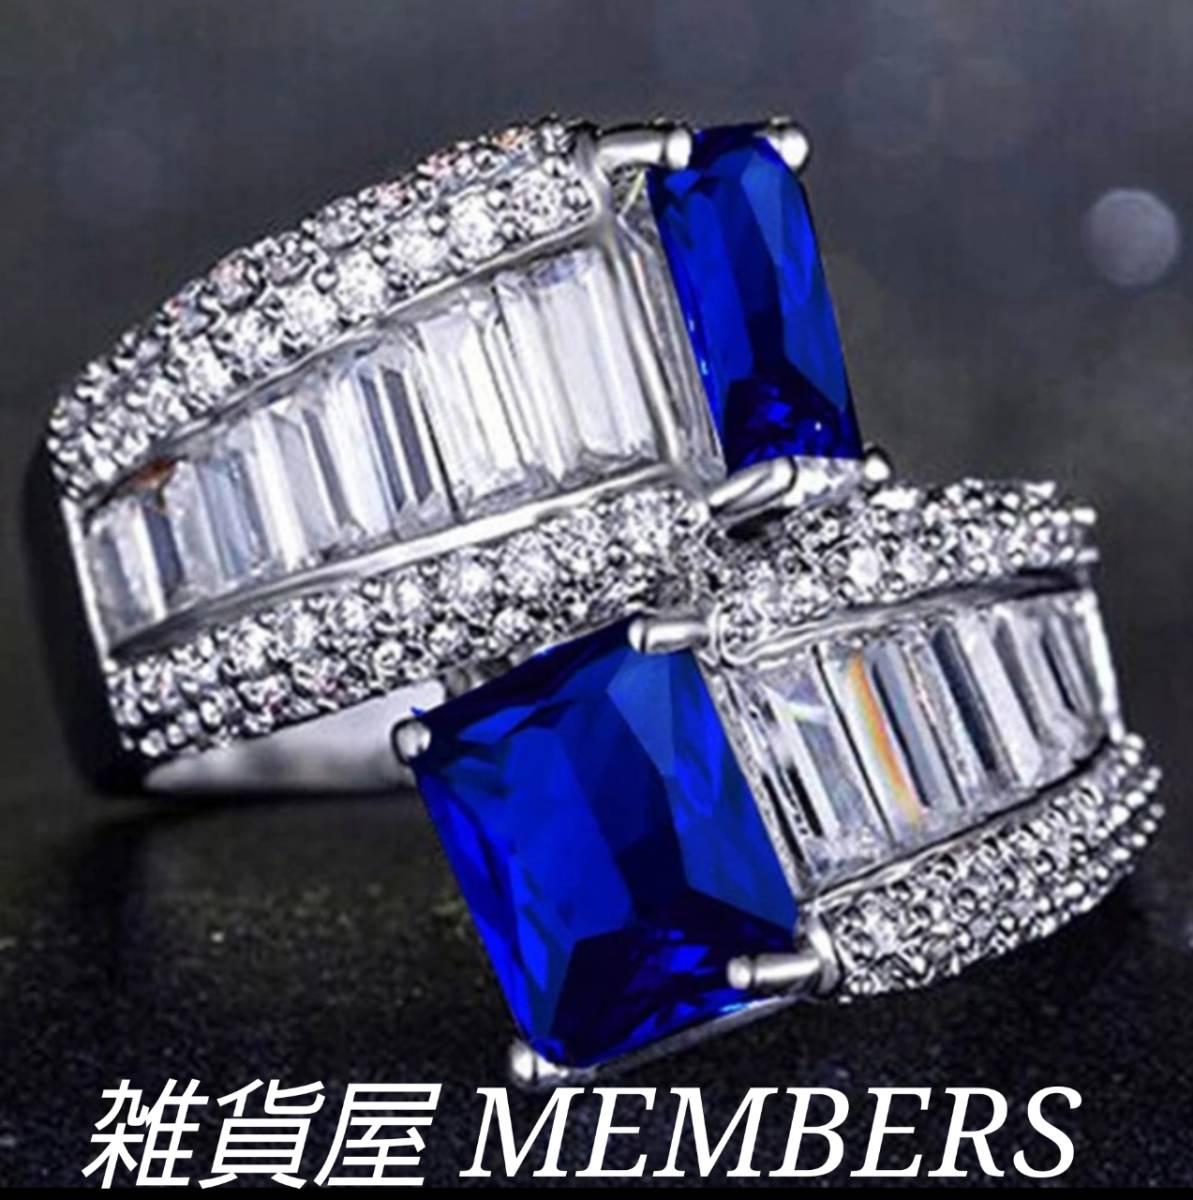 送料無料11号クロムシルバーブルーサファイアクリアスーパーCZダイヤモンドデザイナーズジュエリーインフィニティリング指輪値下残りわずか_画像1